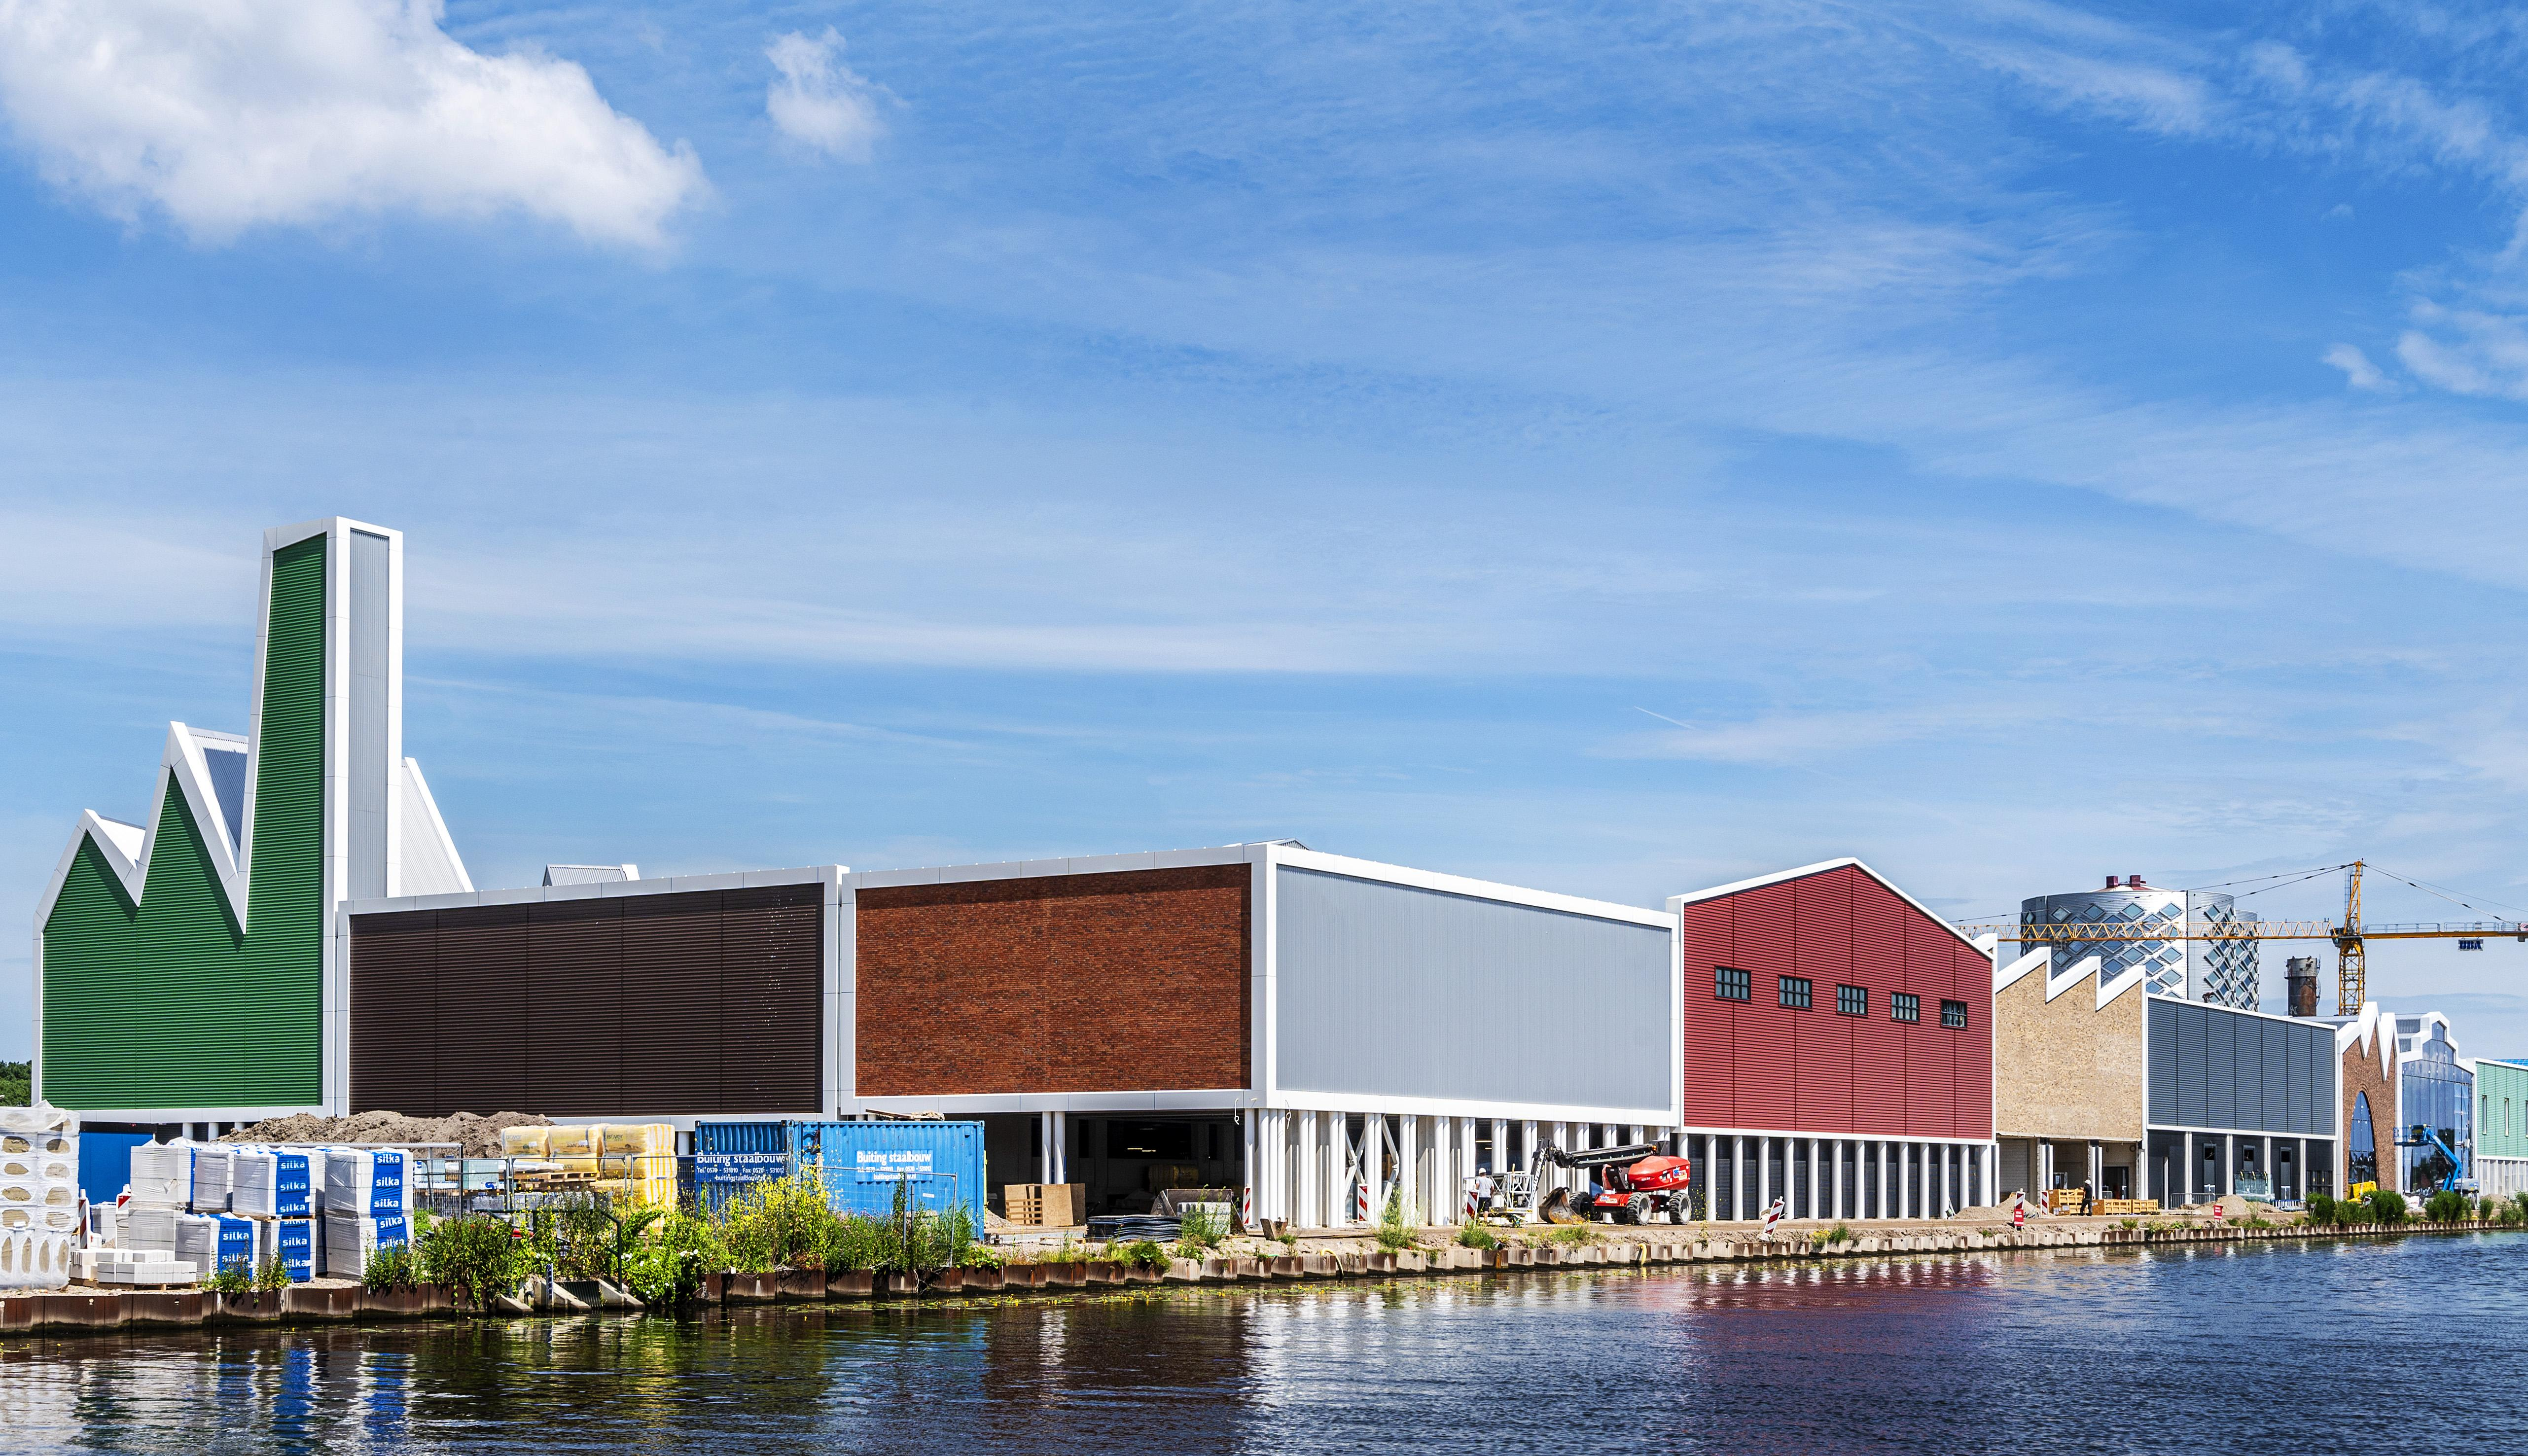 Deze merken hebben een winkel in het outletcentrum in Halfweg: nieuwe koopjescentrum gaat 26 november open [video]